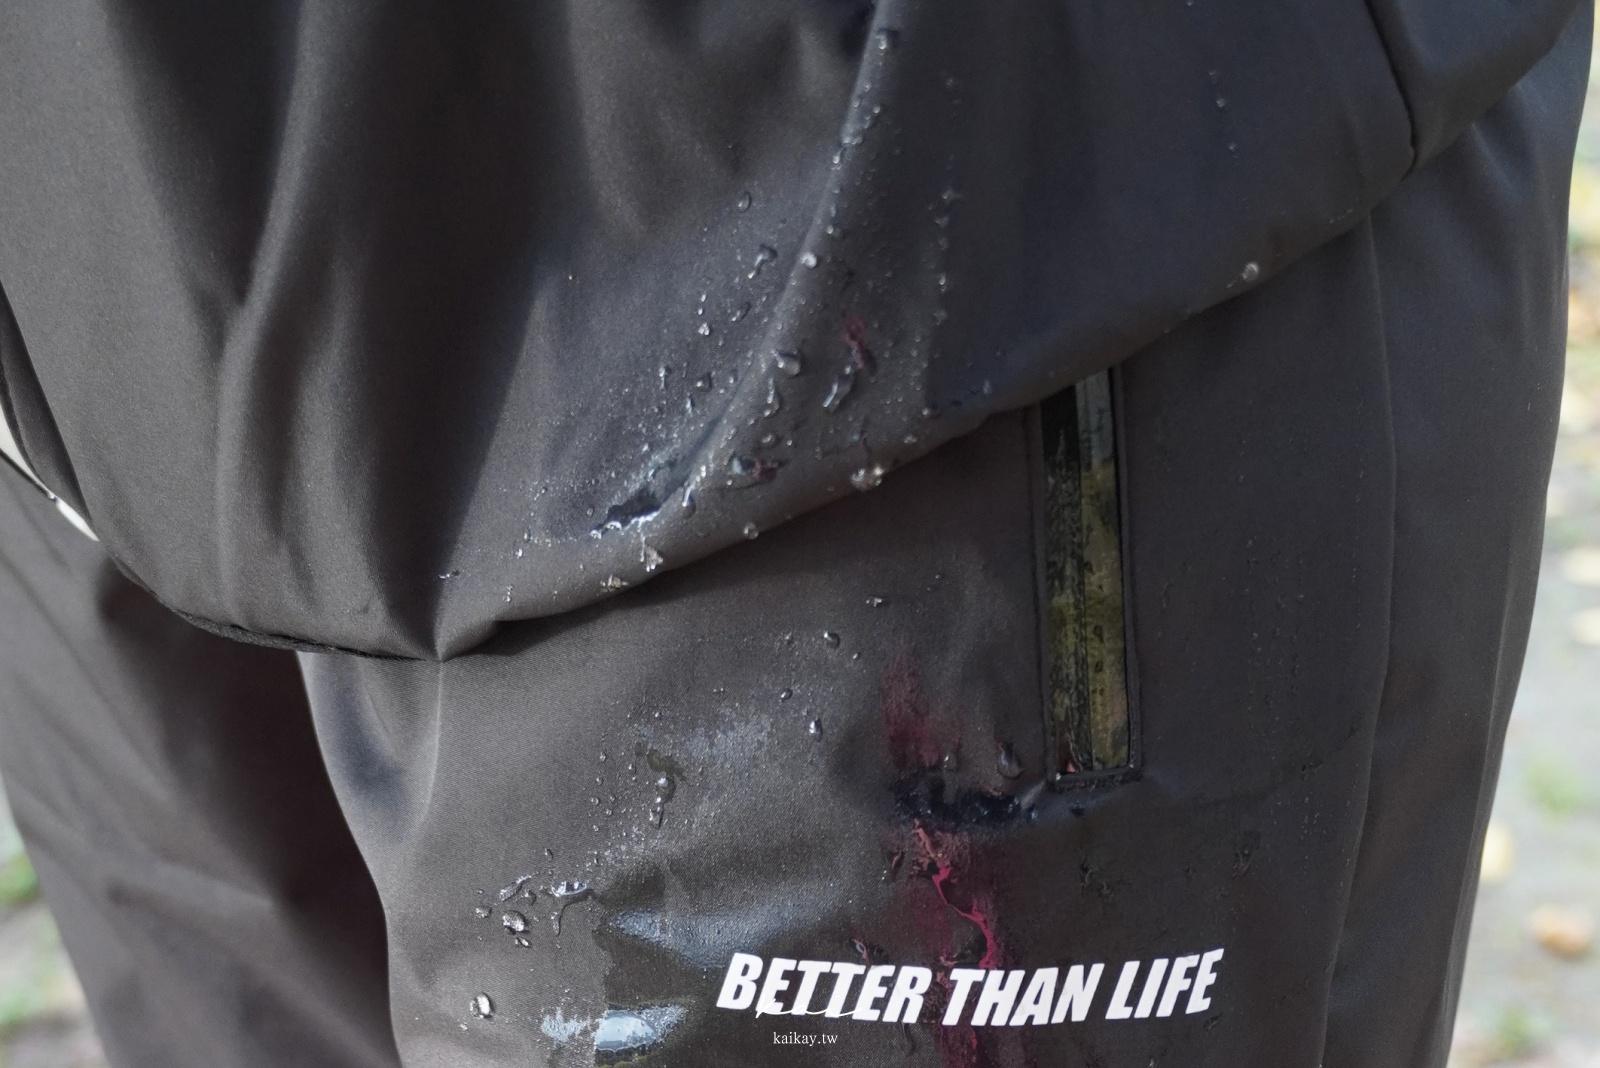 ☆【私服穿搭】防水、防風、快速出汗!BETTER THAN LIFE機能衣開箱